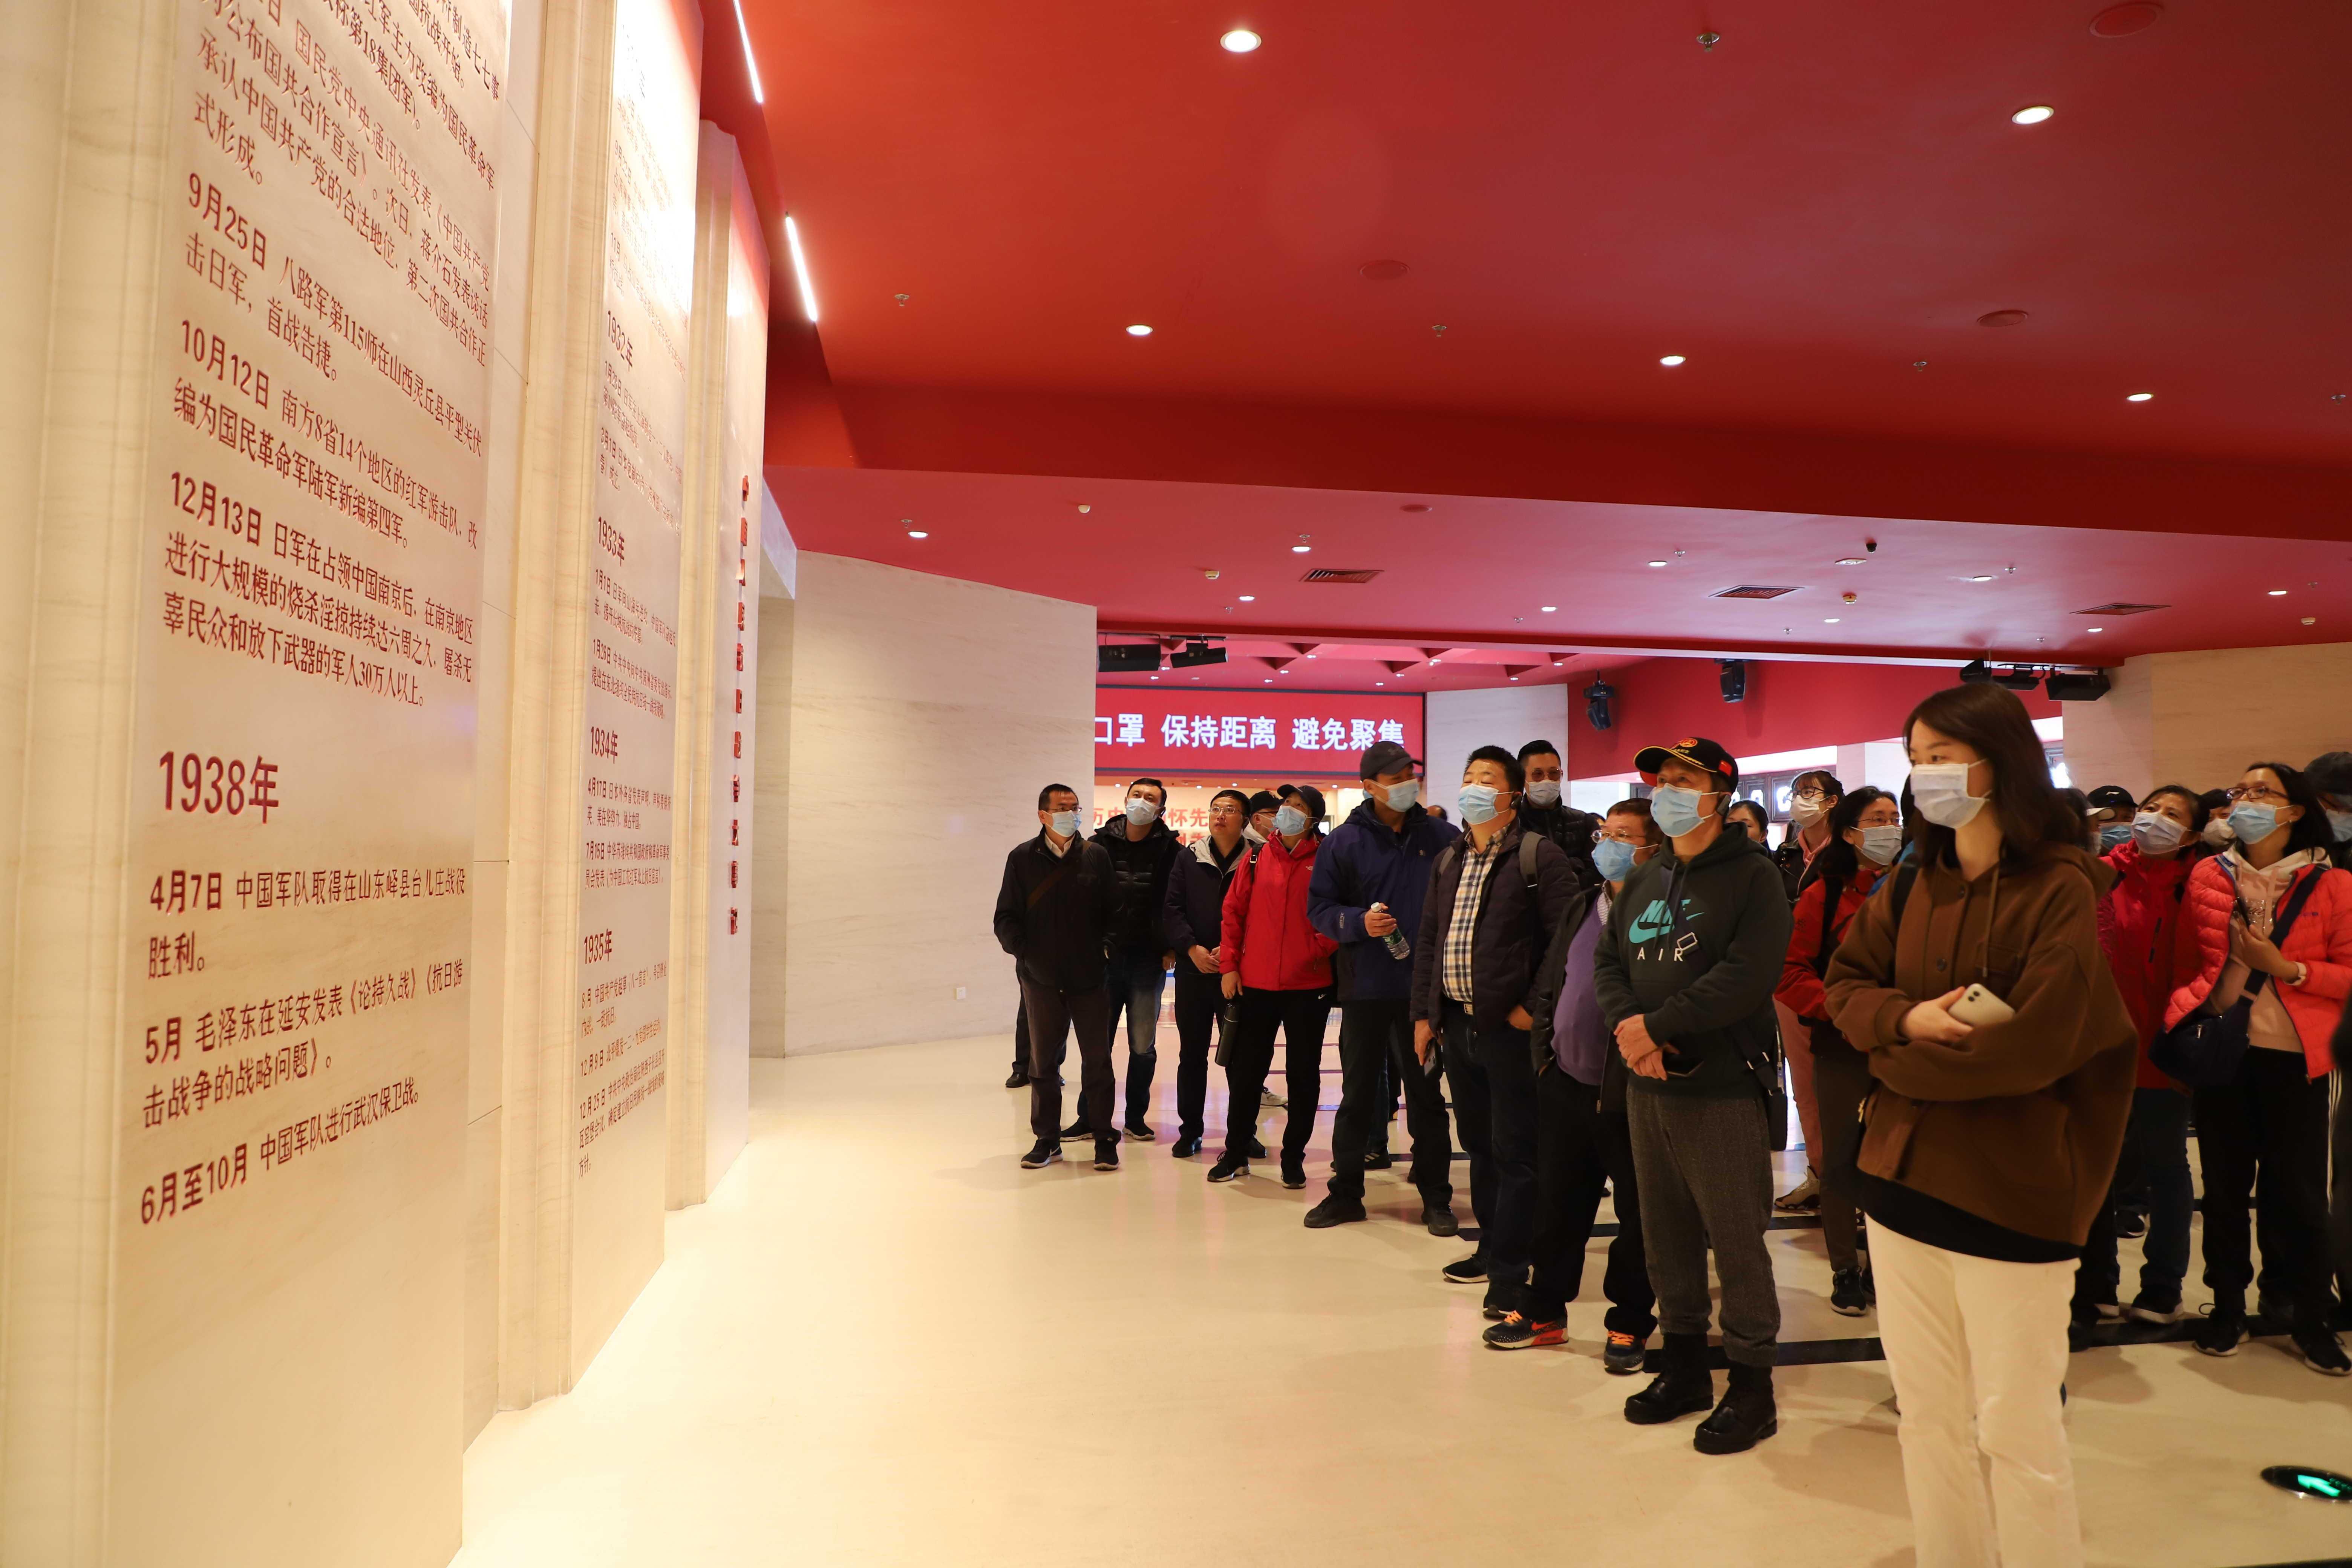 北京市西城区退役武士办事中心开展爱国主义教育系列运动